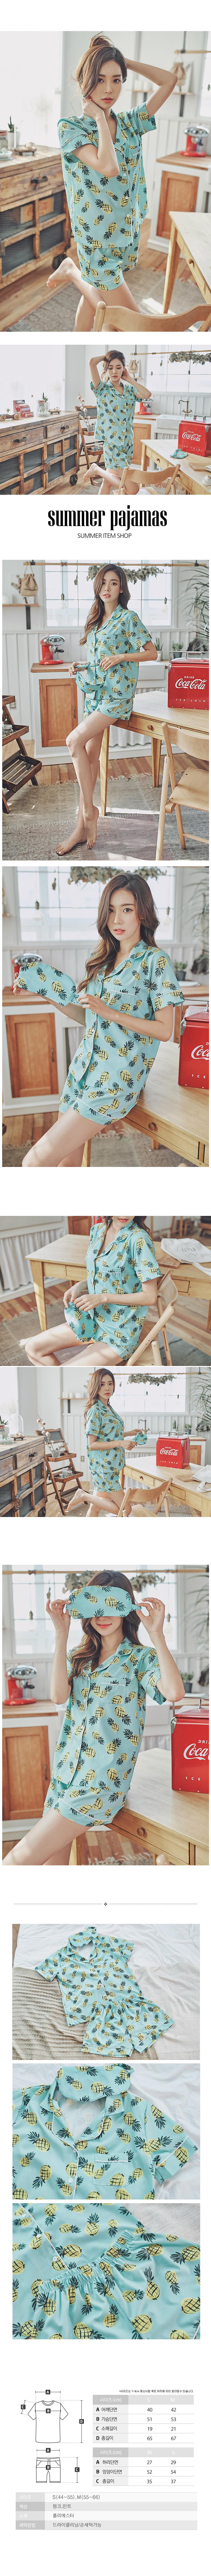 파인애플 파티 잠옷SET - 로로걸, 24,000원, 잠옷, 여성파자마